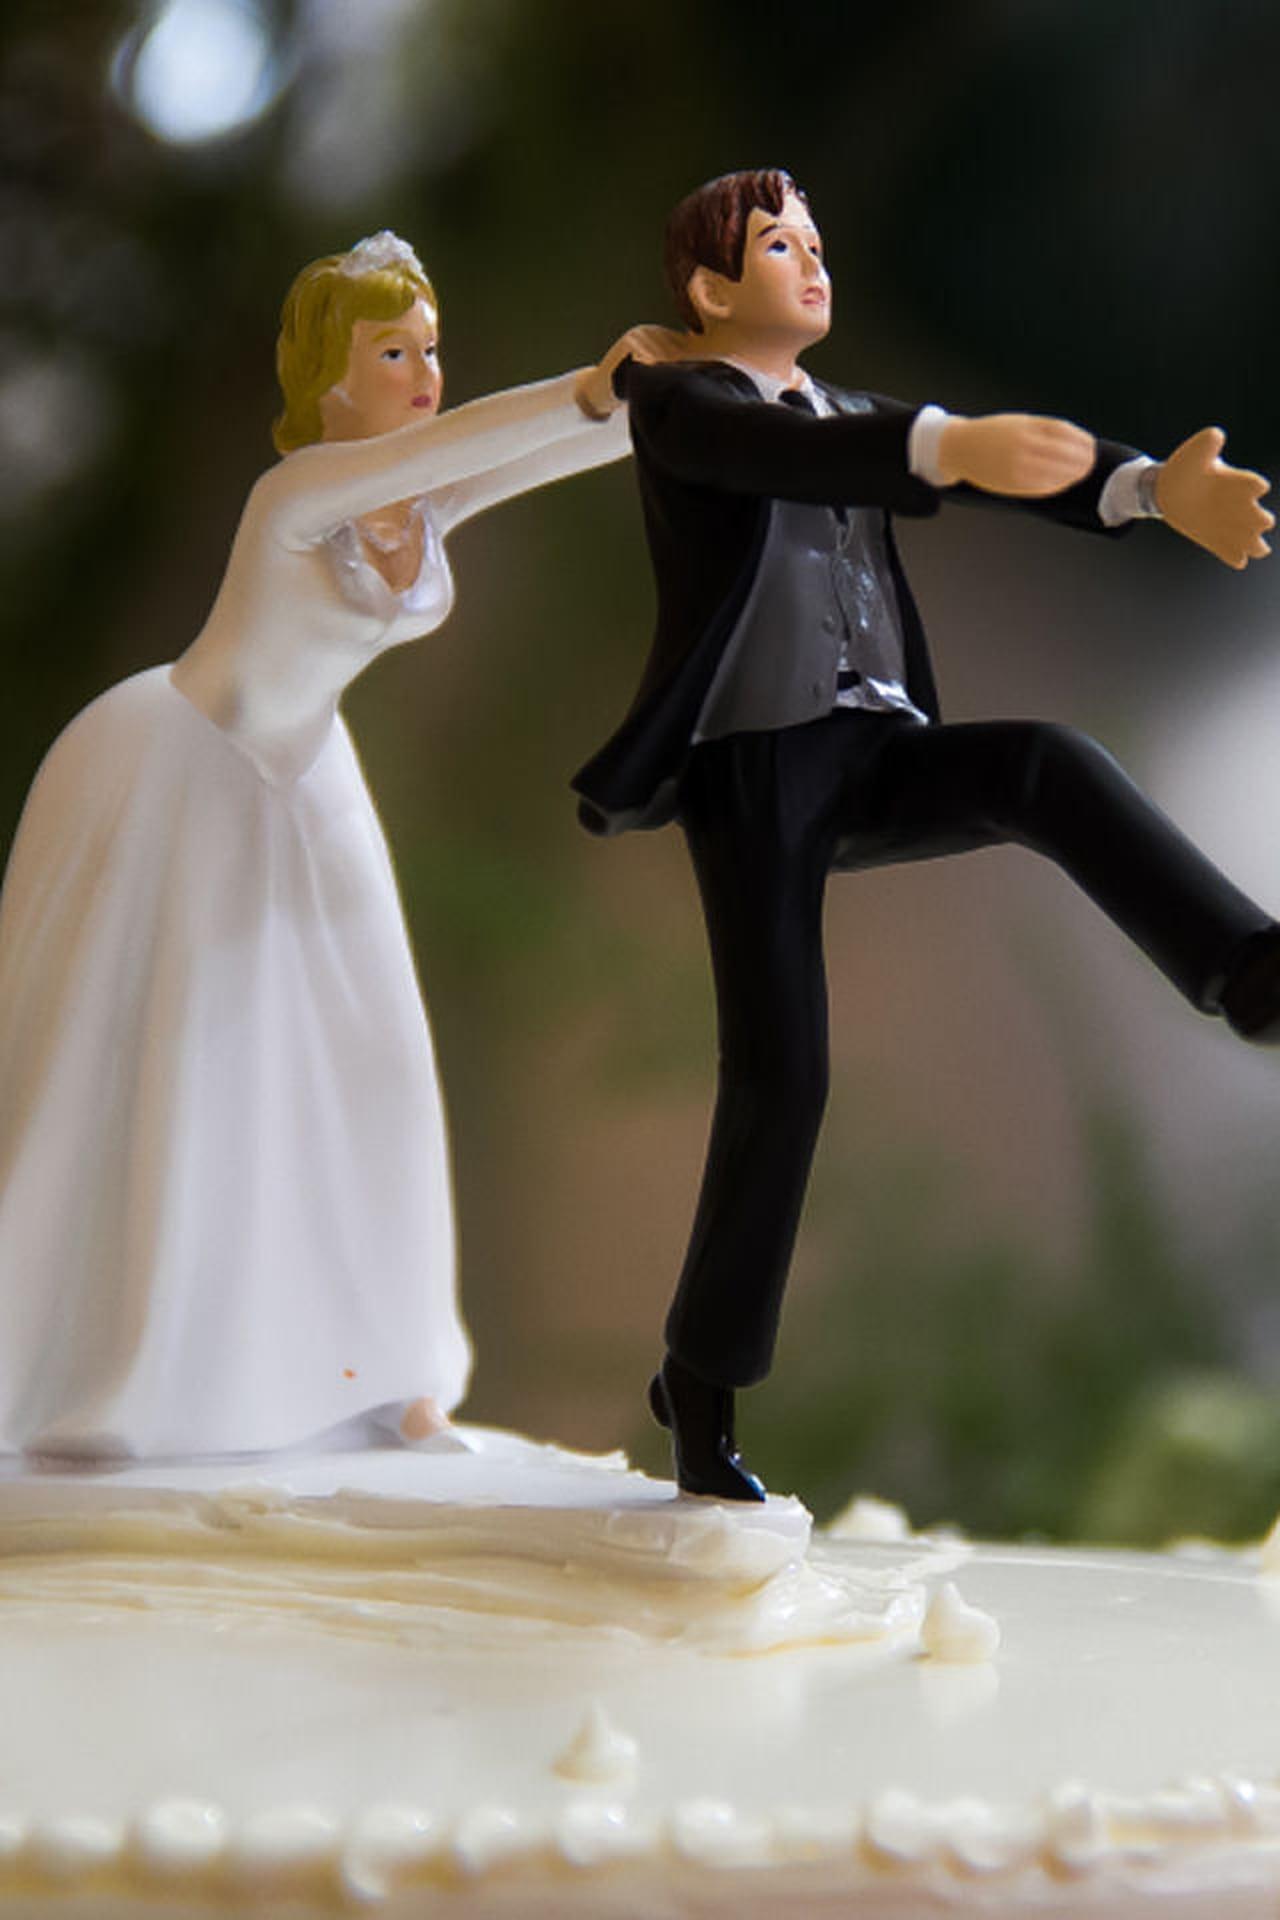 Scherzi per matrimonio come sorprendere gli sposi - Scherzi per letto degli sposi ...